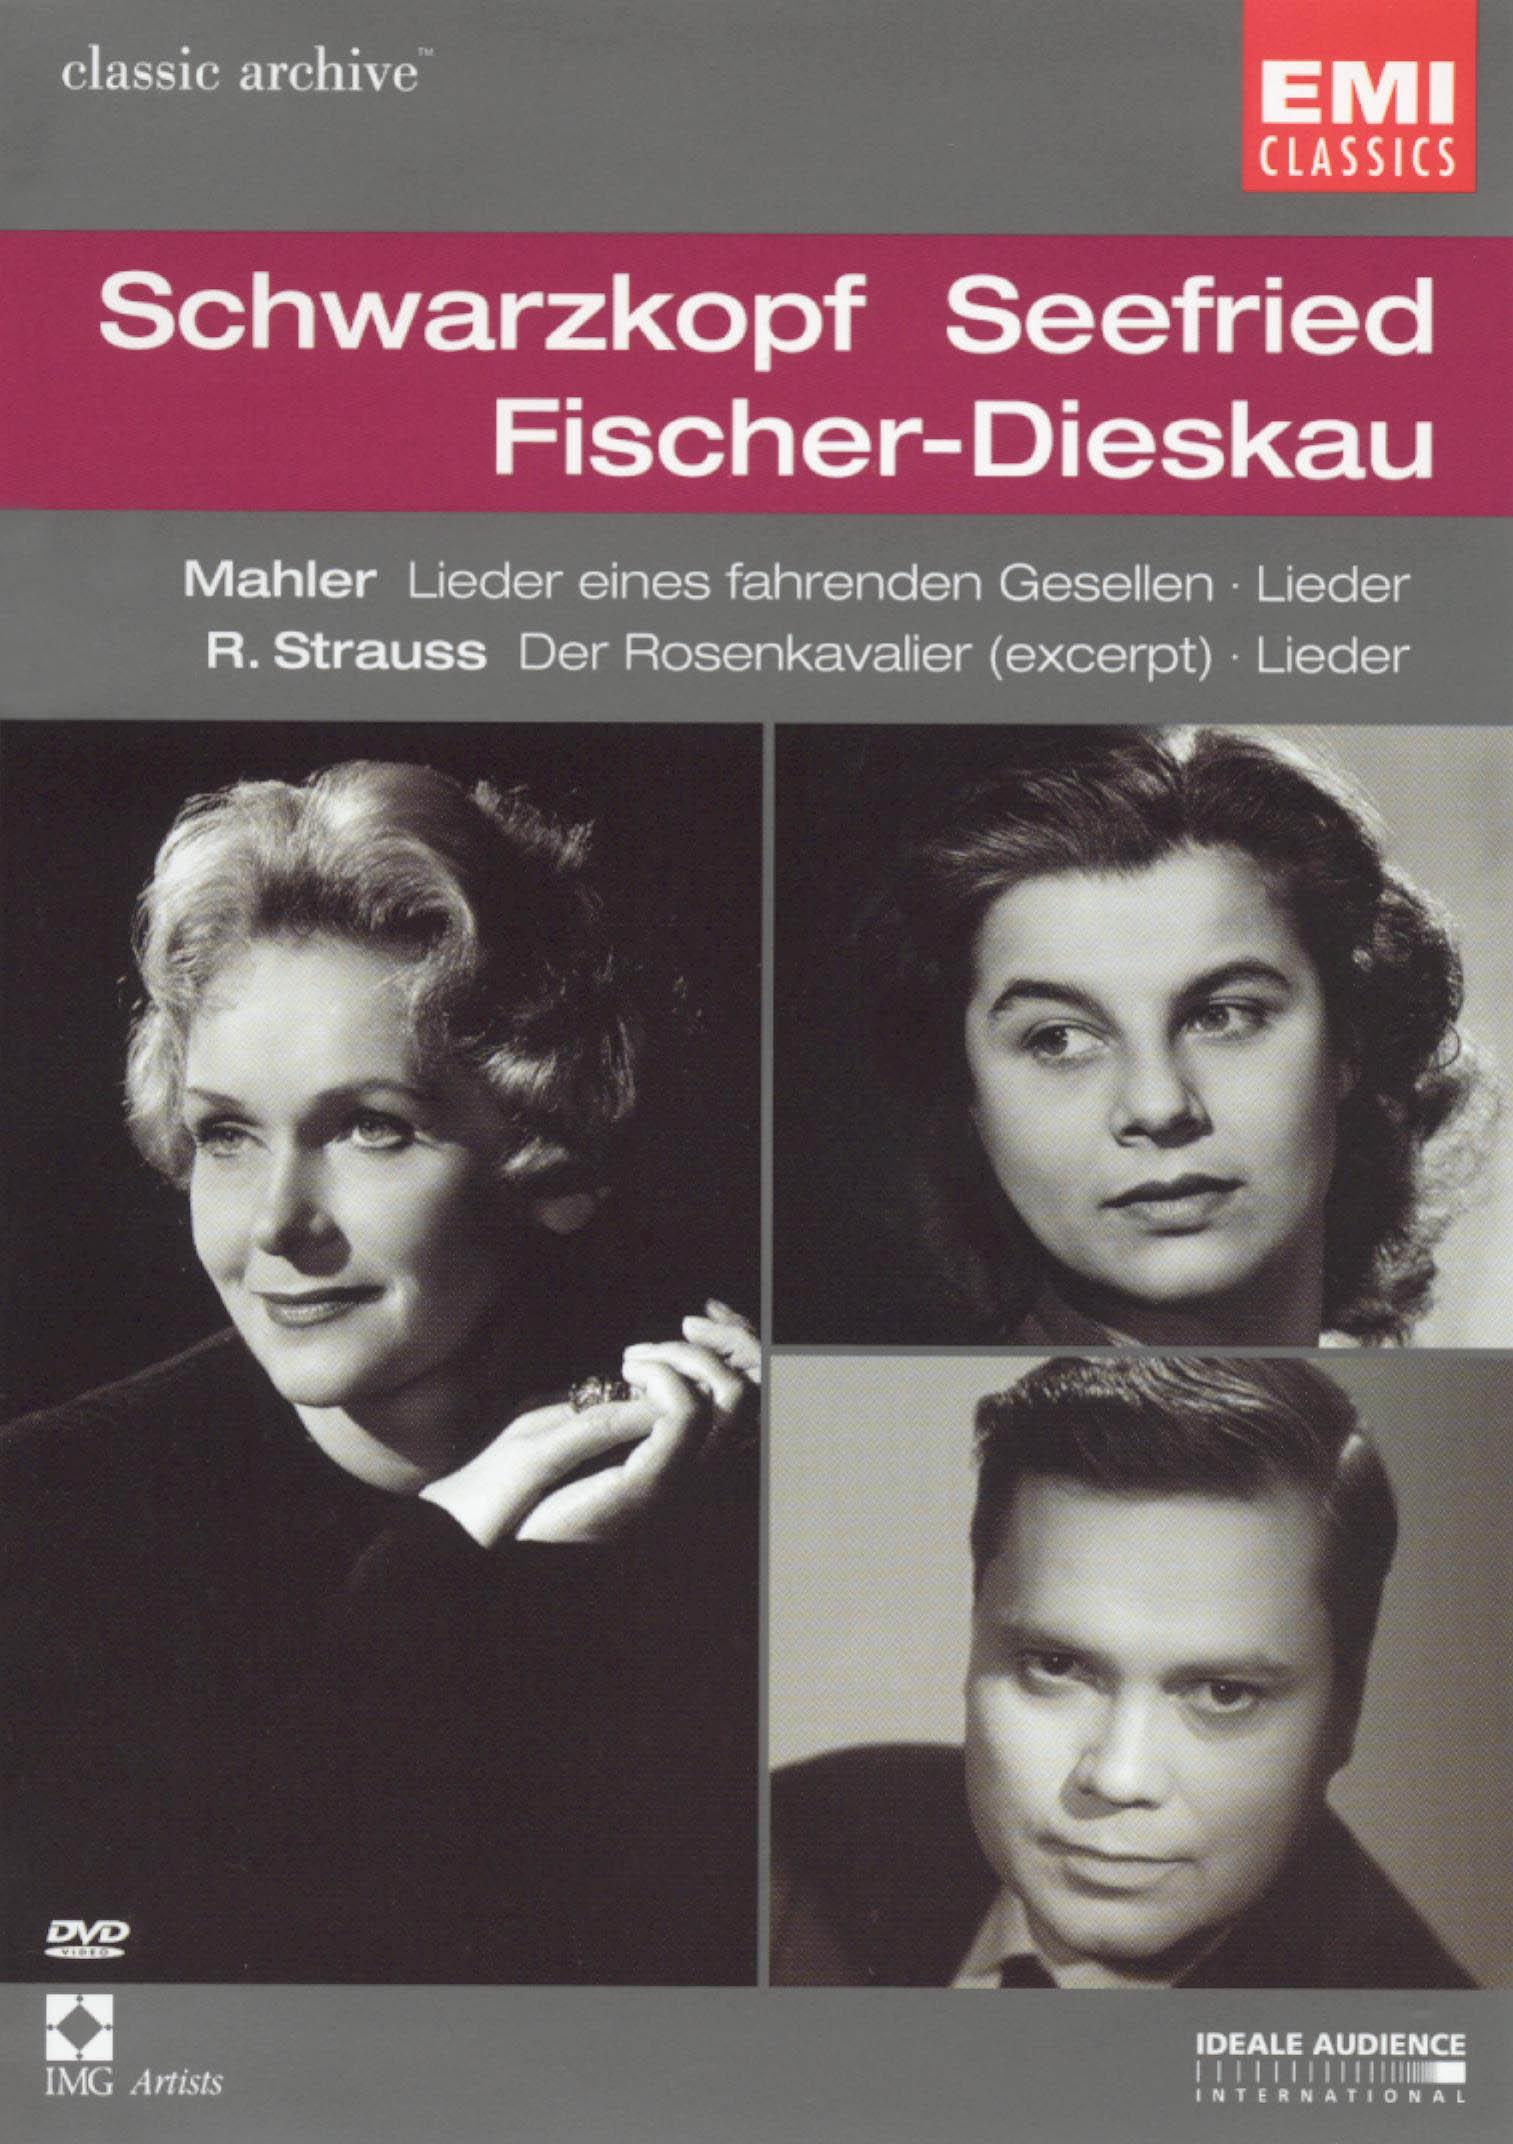 Classic Archive: Schwarzkopf/Seefried/Fischer-Dieskau